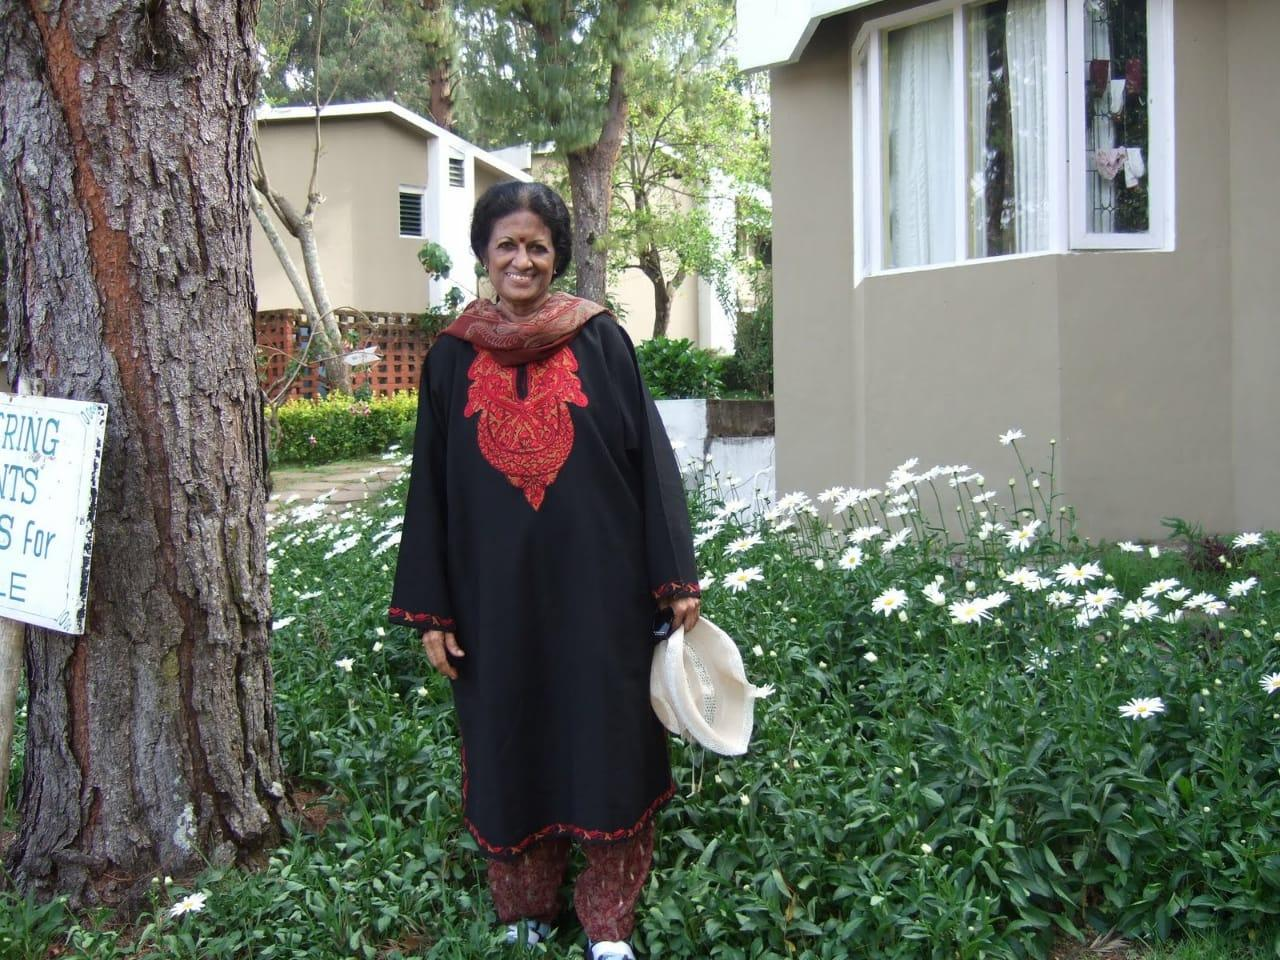 எழுத்தாளர் வாஸந்தி